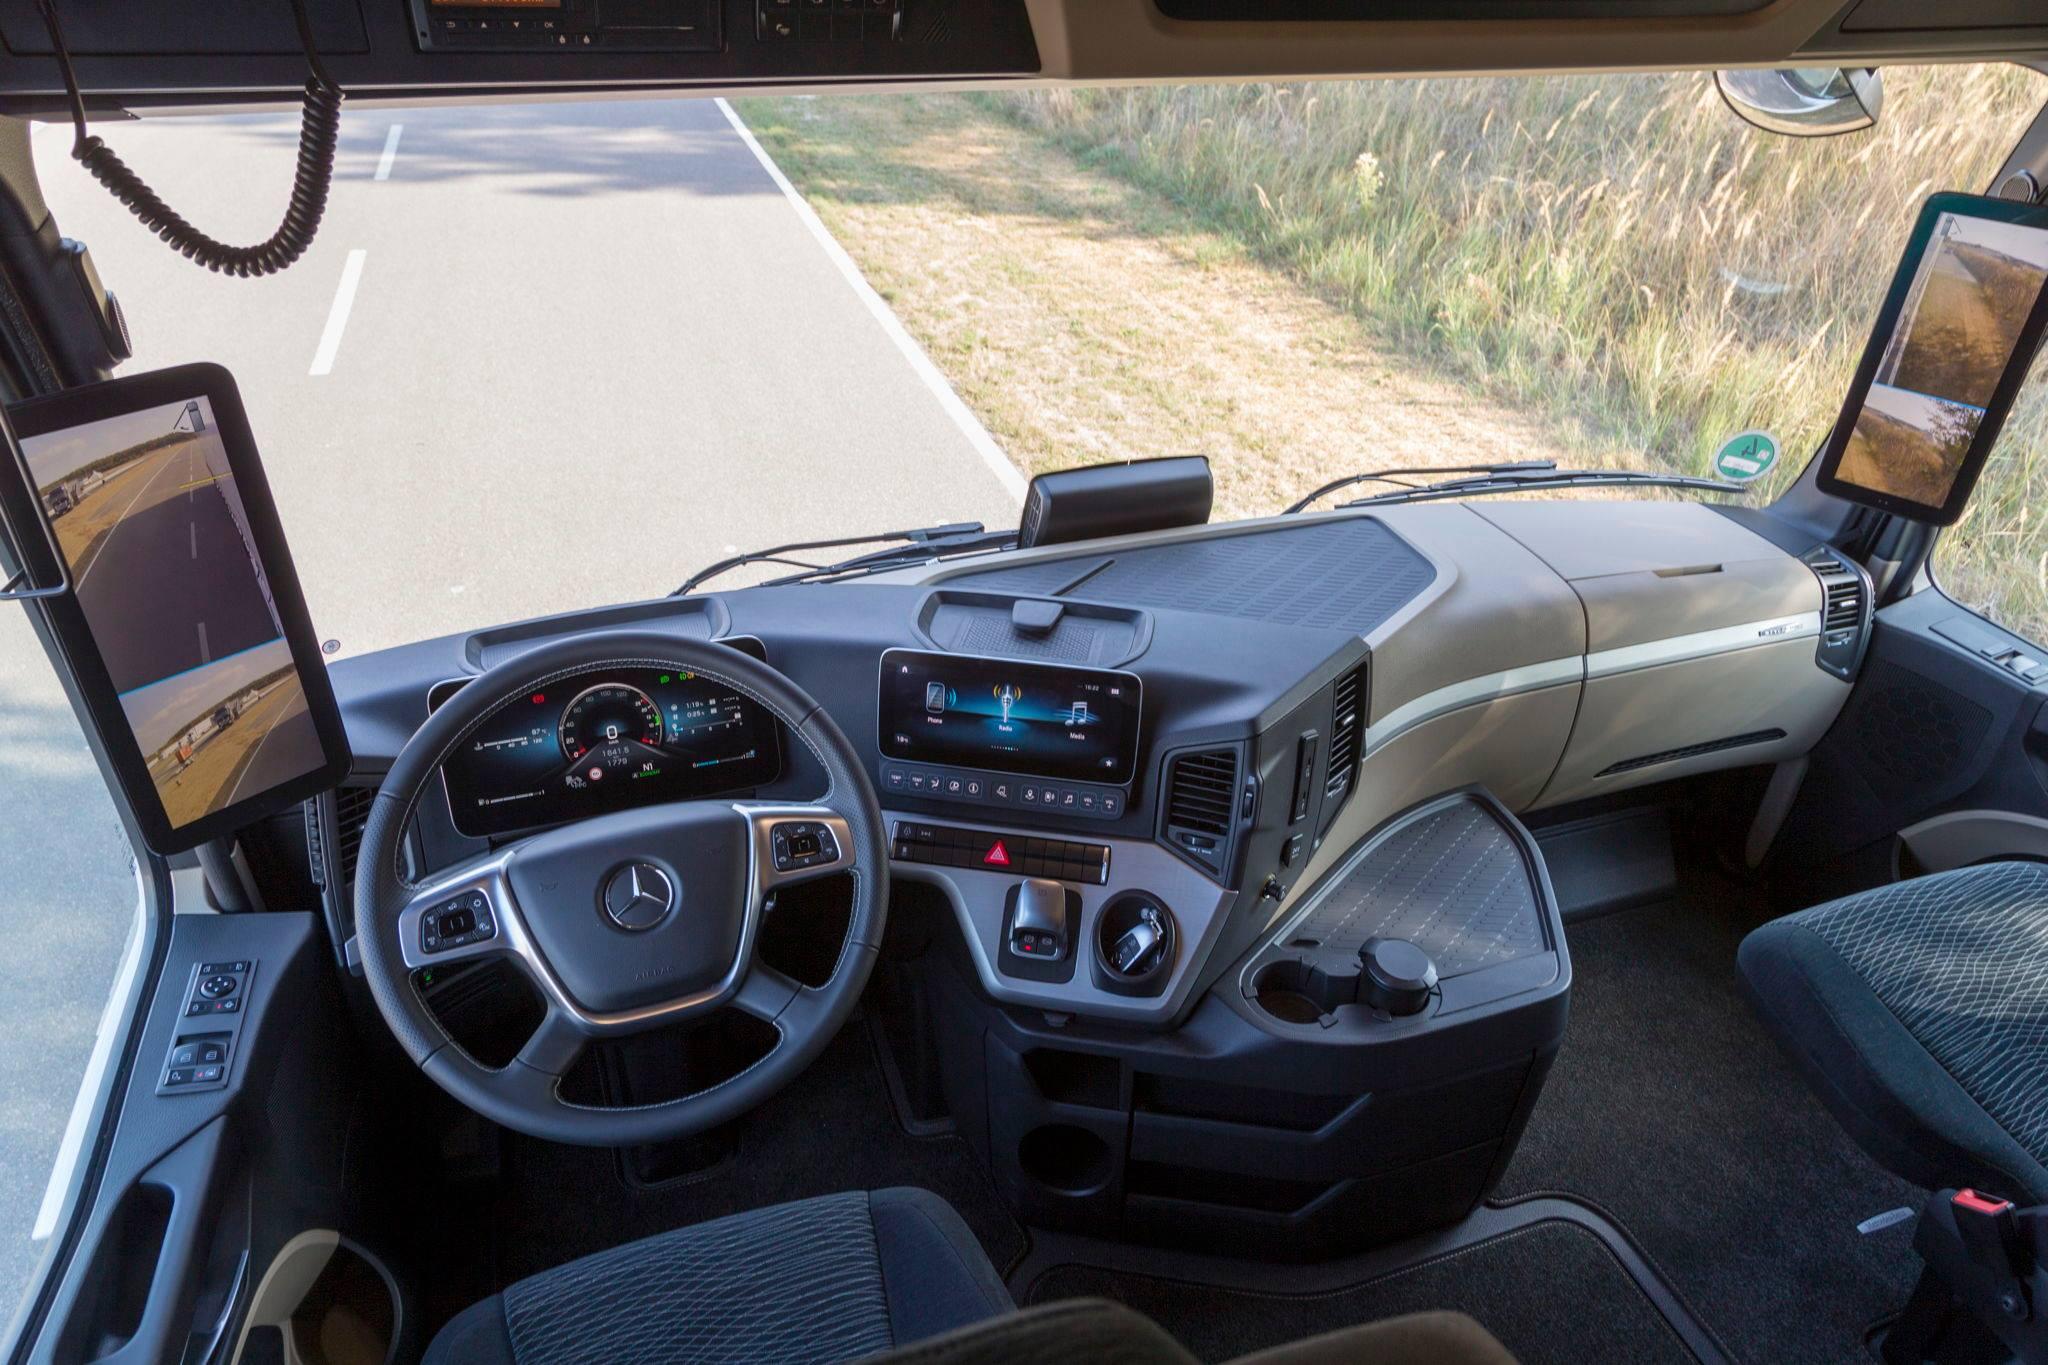 Verhuiswagen zonder spiegels